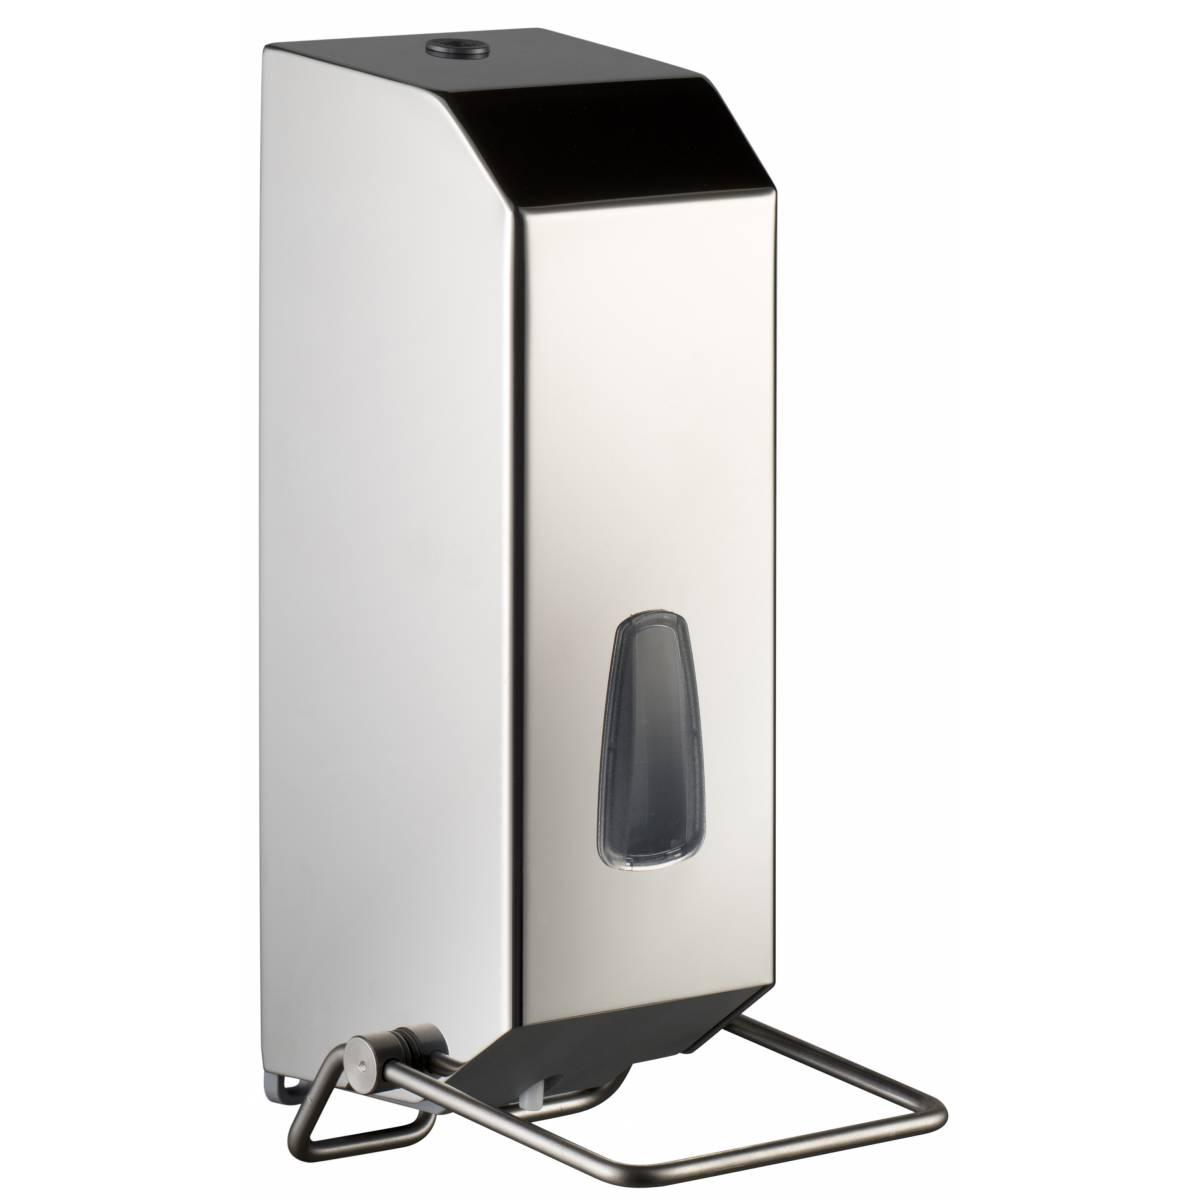 Дозатор жидкого мыла Mar Plast (736 INOX) A73600AP Mar Plast